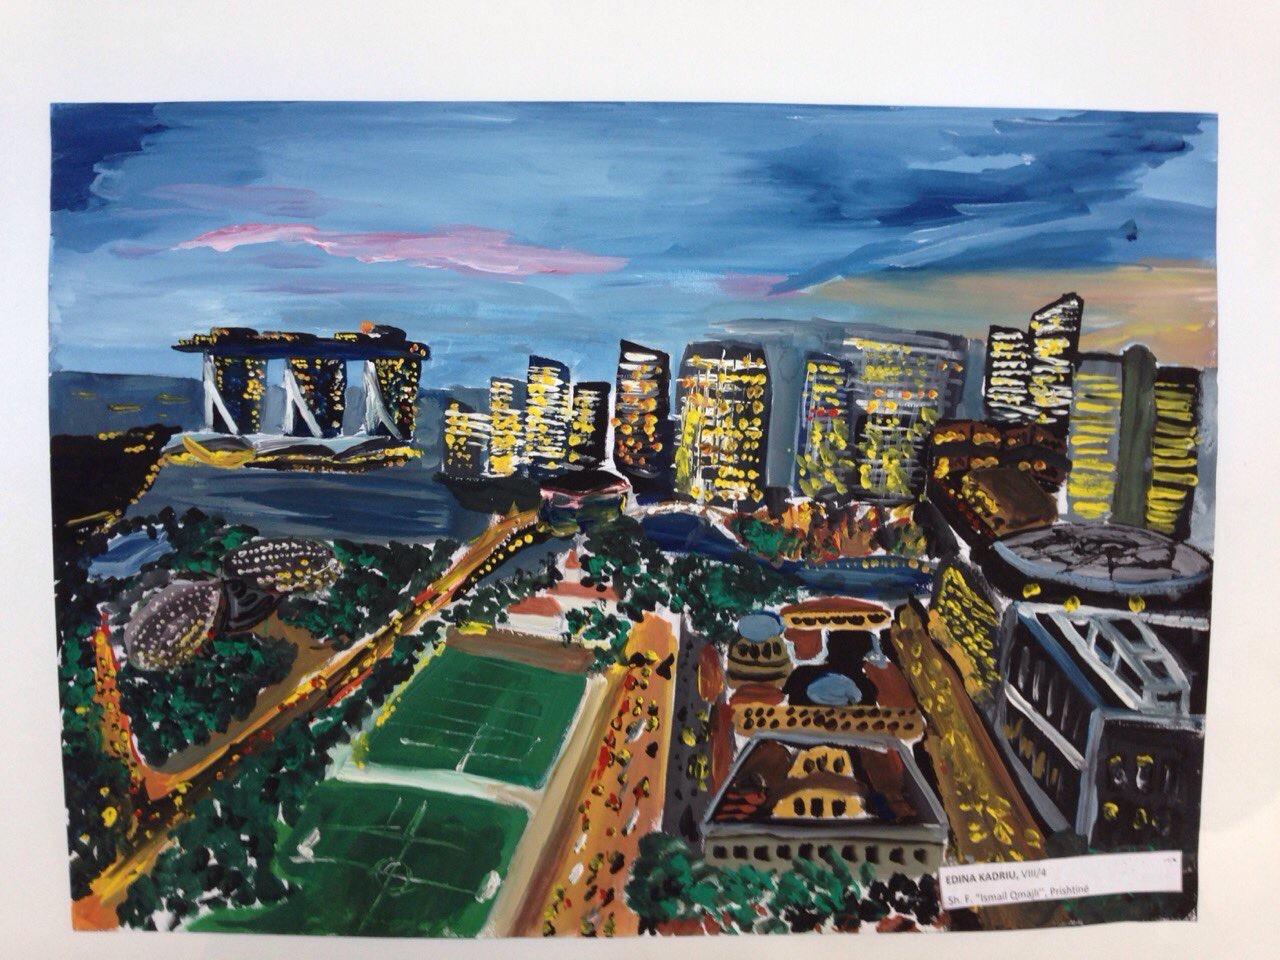 spatial planning regulation, spatial planning legislation